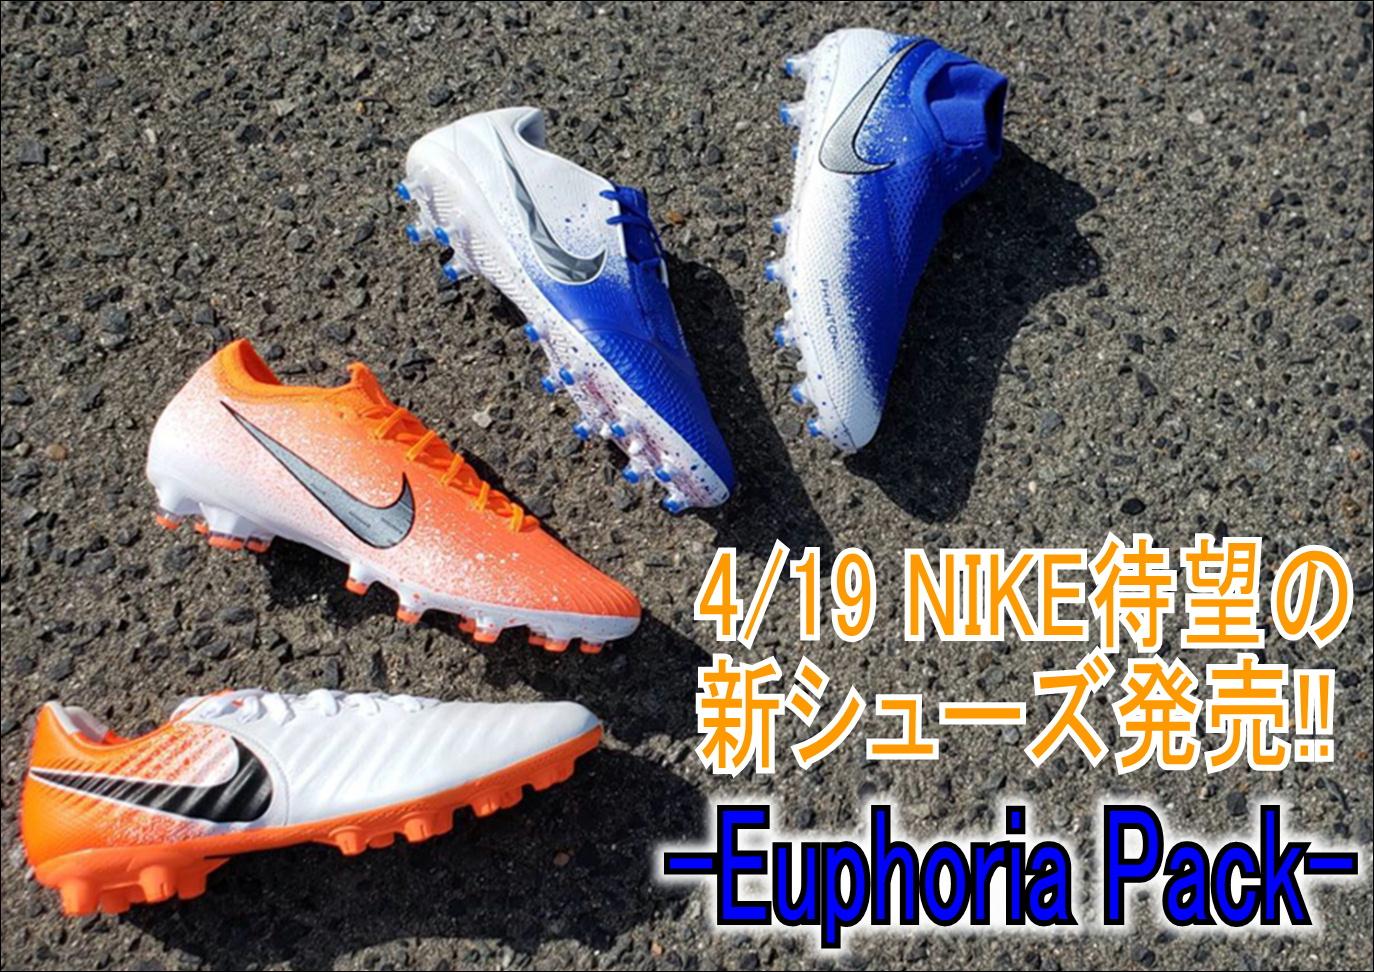 【 NIKE待望の新シューズ発売 -Euphoria Pack- 】